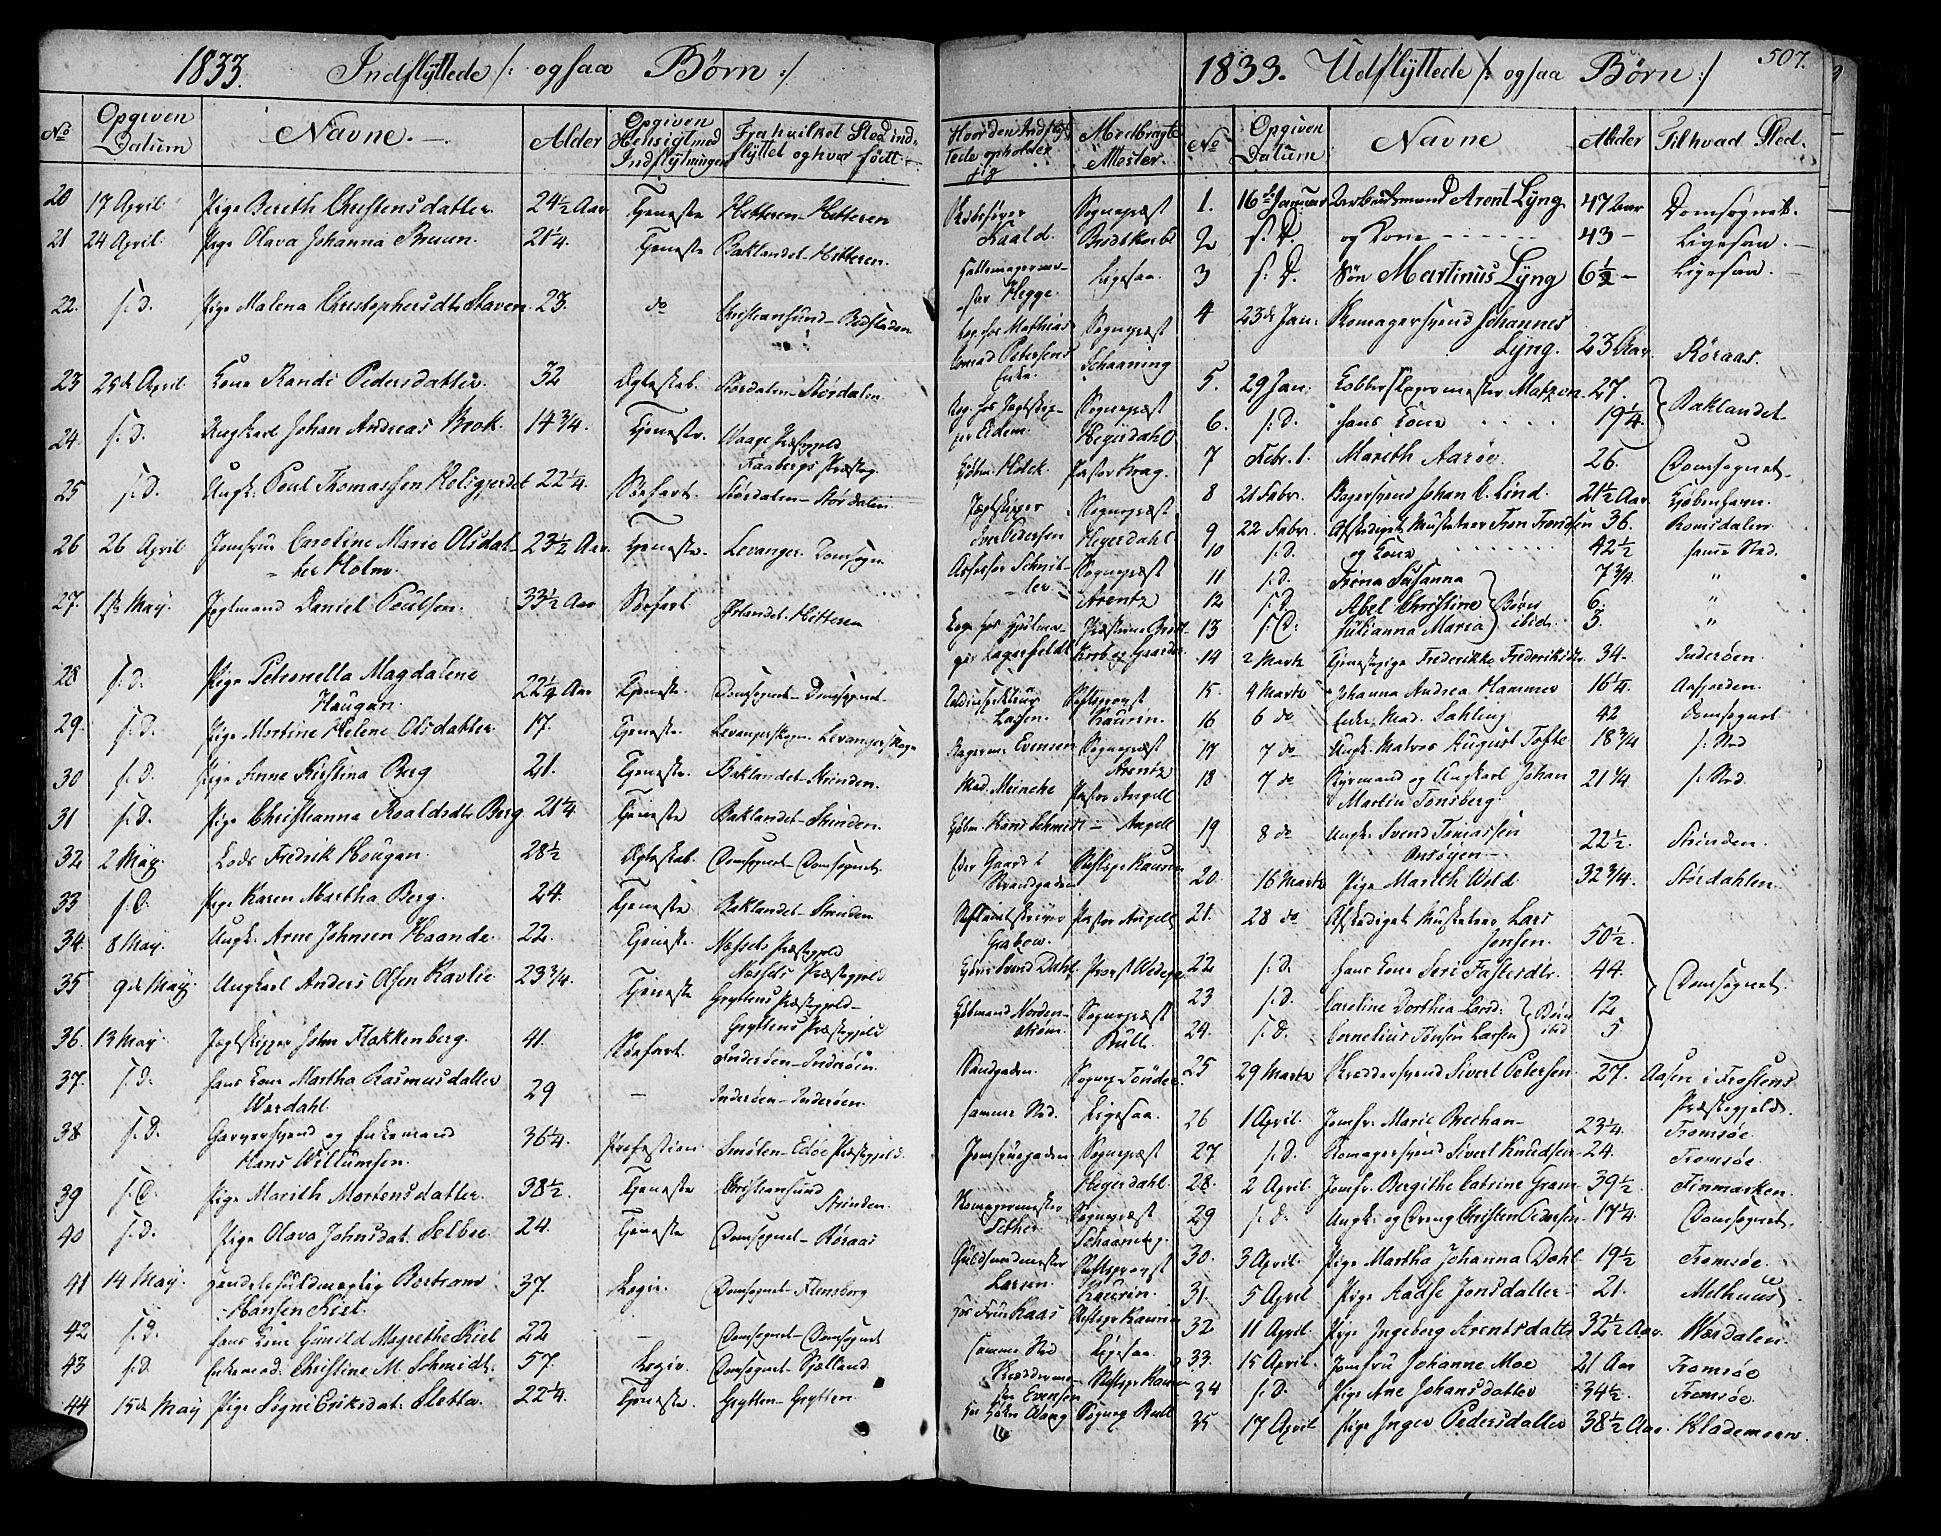 SAT, Ministerialprotokoller, klokkerbøker og fødselsregistre - Sør-Trøndelag, 602/L0109: Ministerialbok nr. 602A07, 1821-1840, s. 507